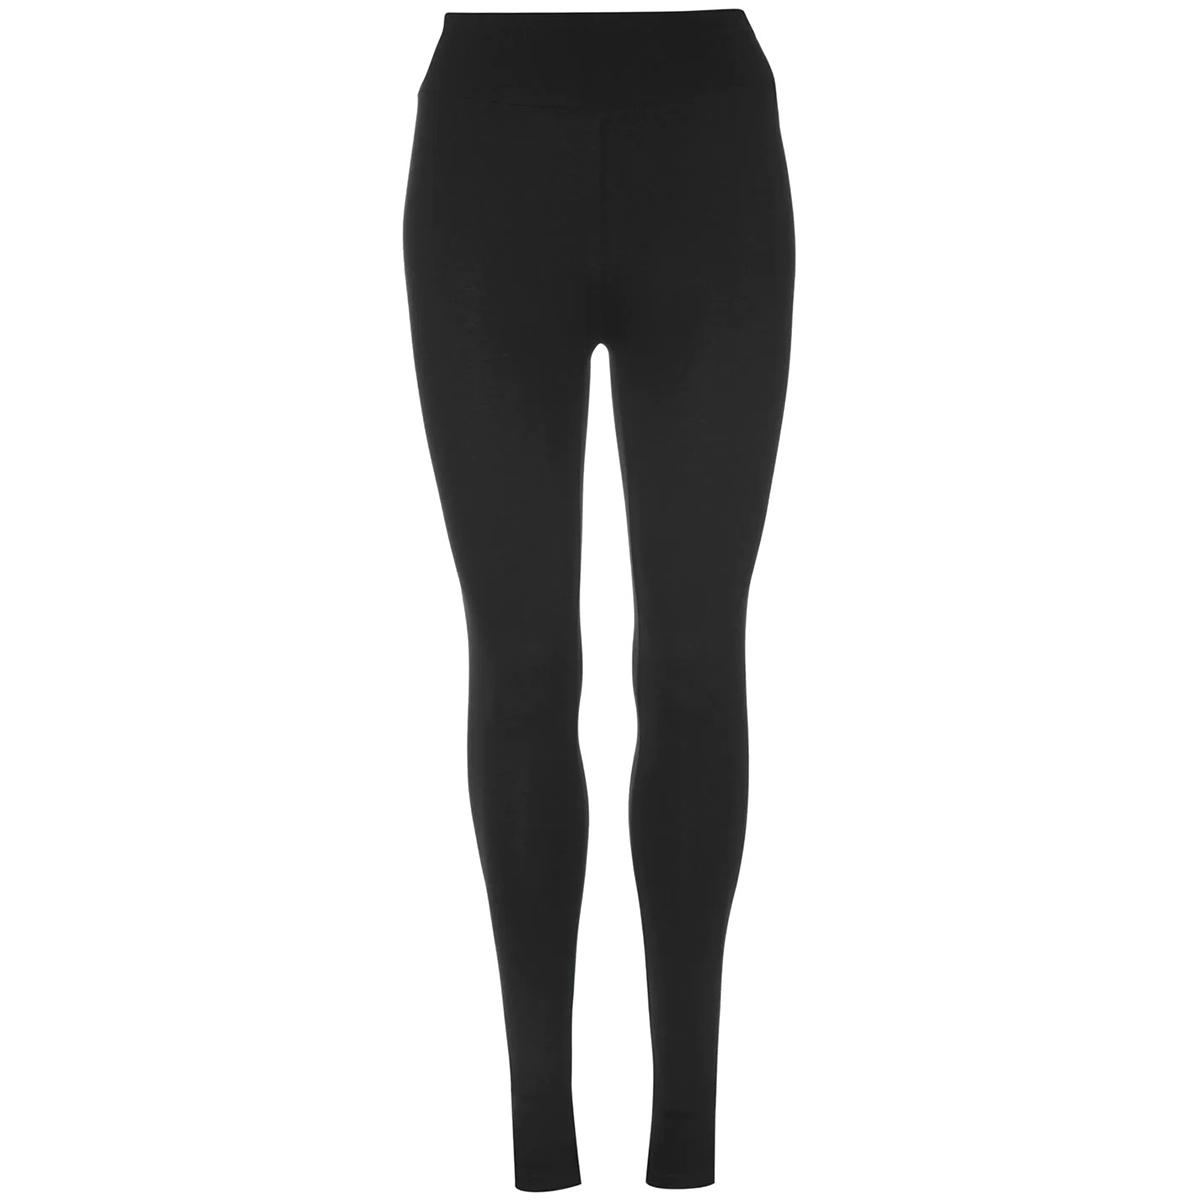 Miso Women's High Waisted Leggings - Black, 14